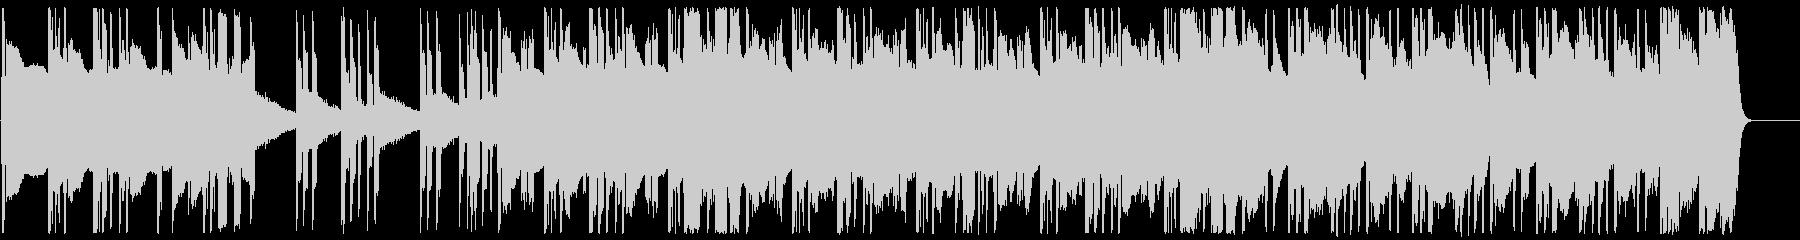 ヒップホップ/超重バス/トラップ#4の未再生の波形